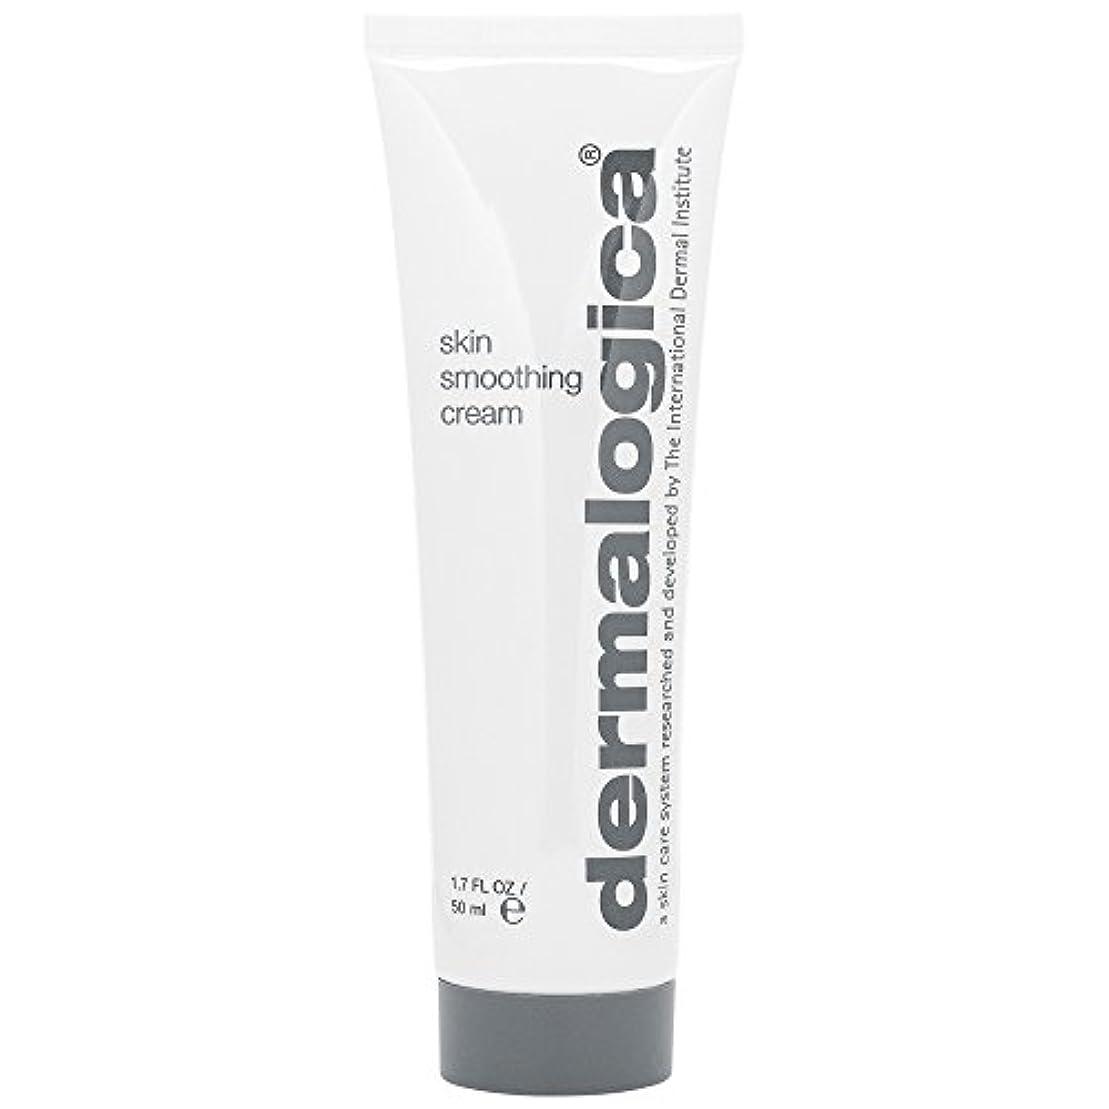 この着飾るロバダーマロジカスキンスムージングクリーム50ミリリットル (Dermalogica) (x6) - Dermalogica Skin Smoothing Cream 50ml (Pack of 6) [並行輸入品]